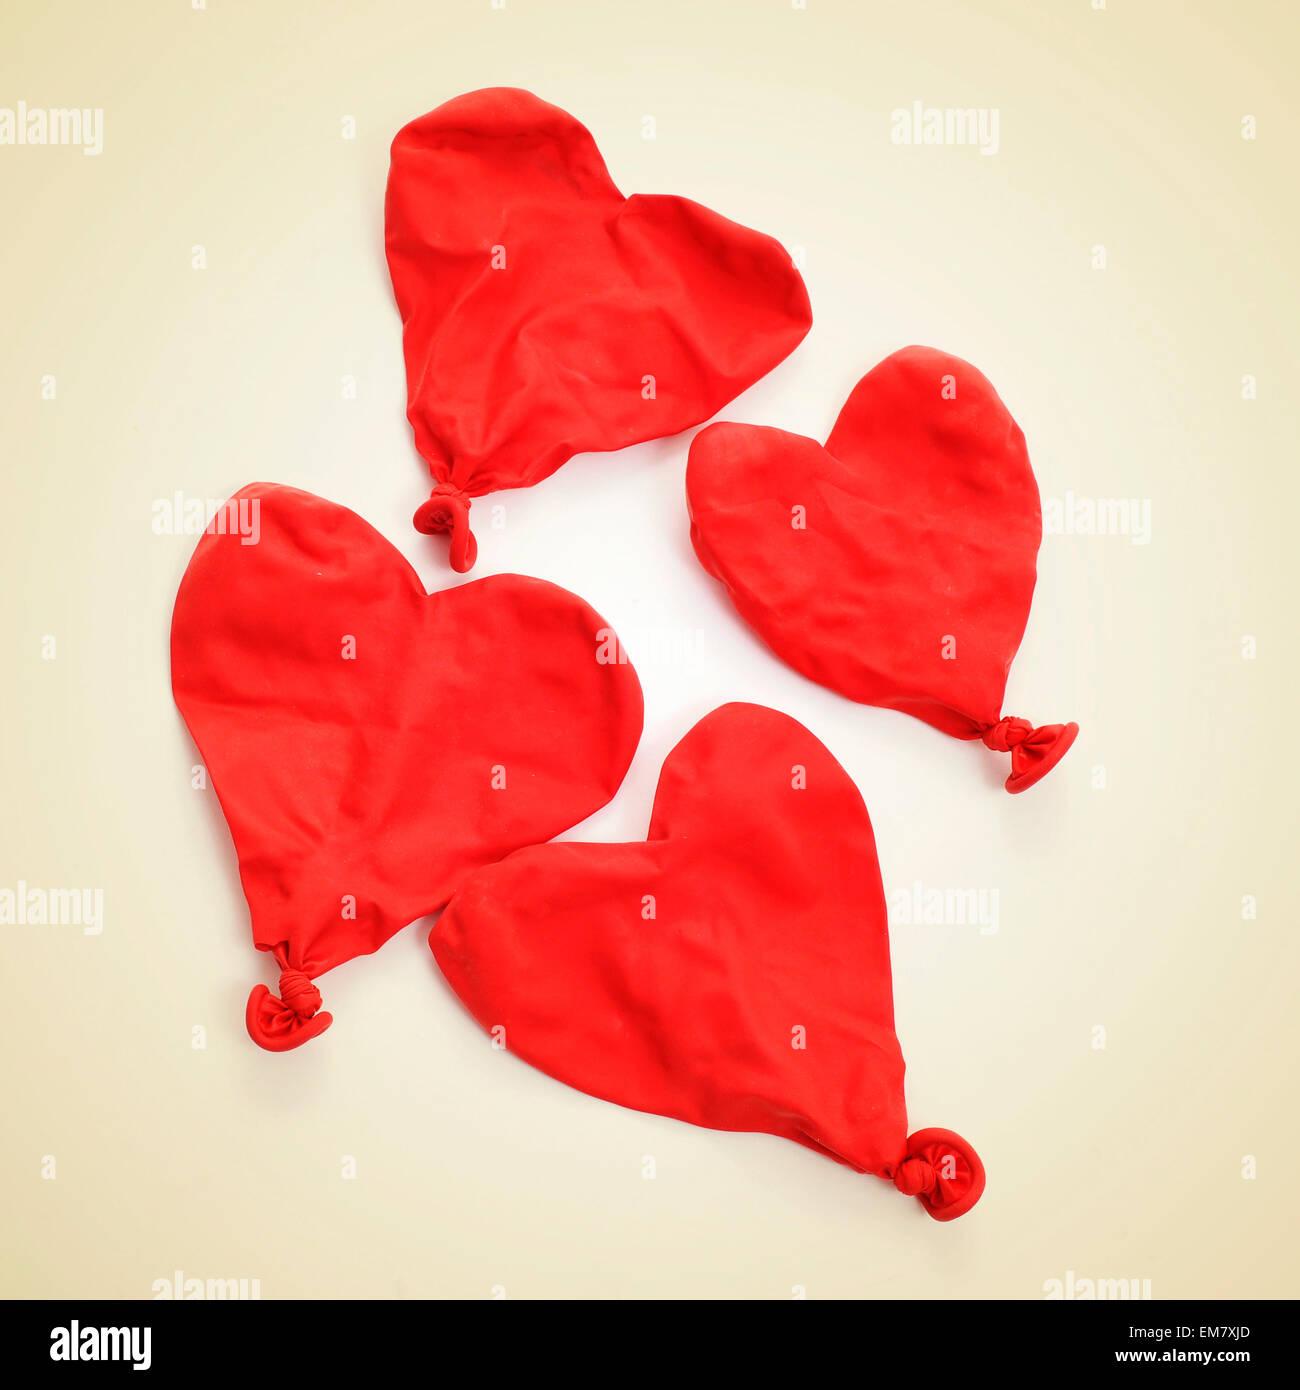 Alcuni sgonfiato heart-shaped balloons su uno sfondo beige, con un effetto retrò Immagini Stock